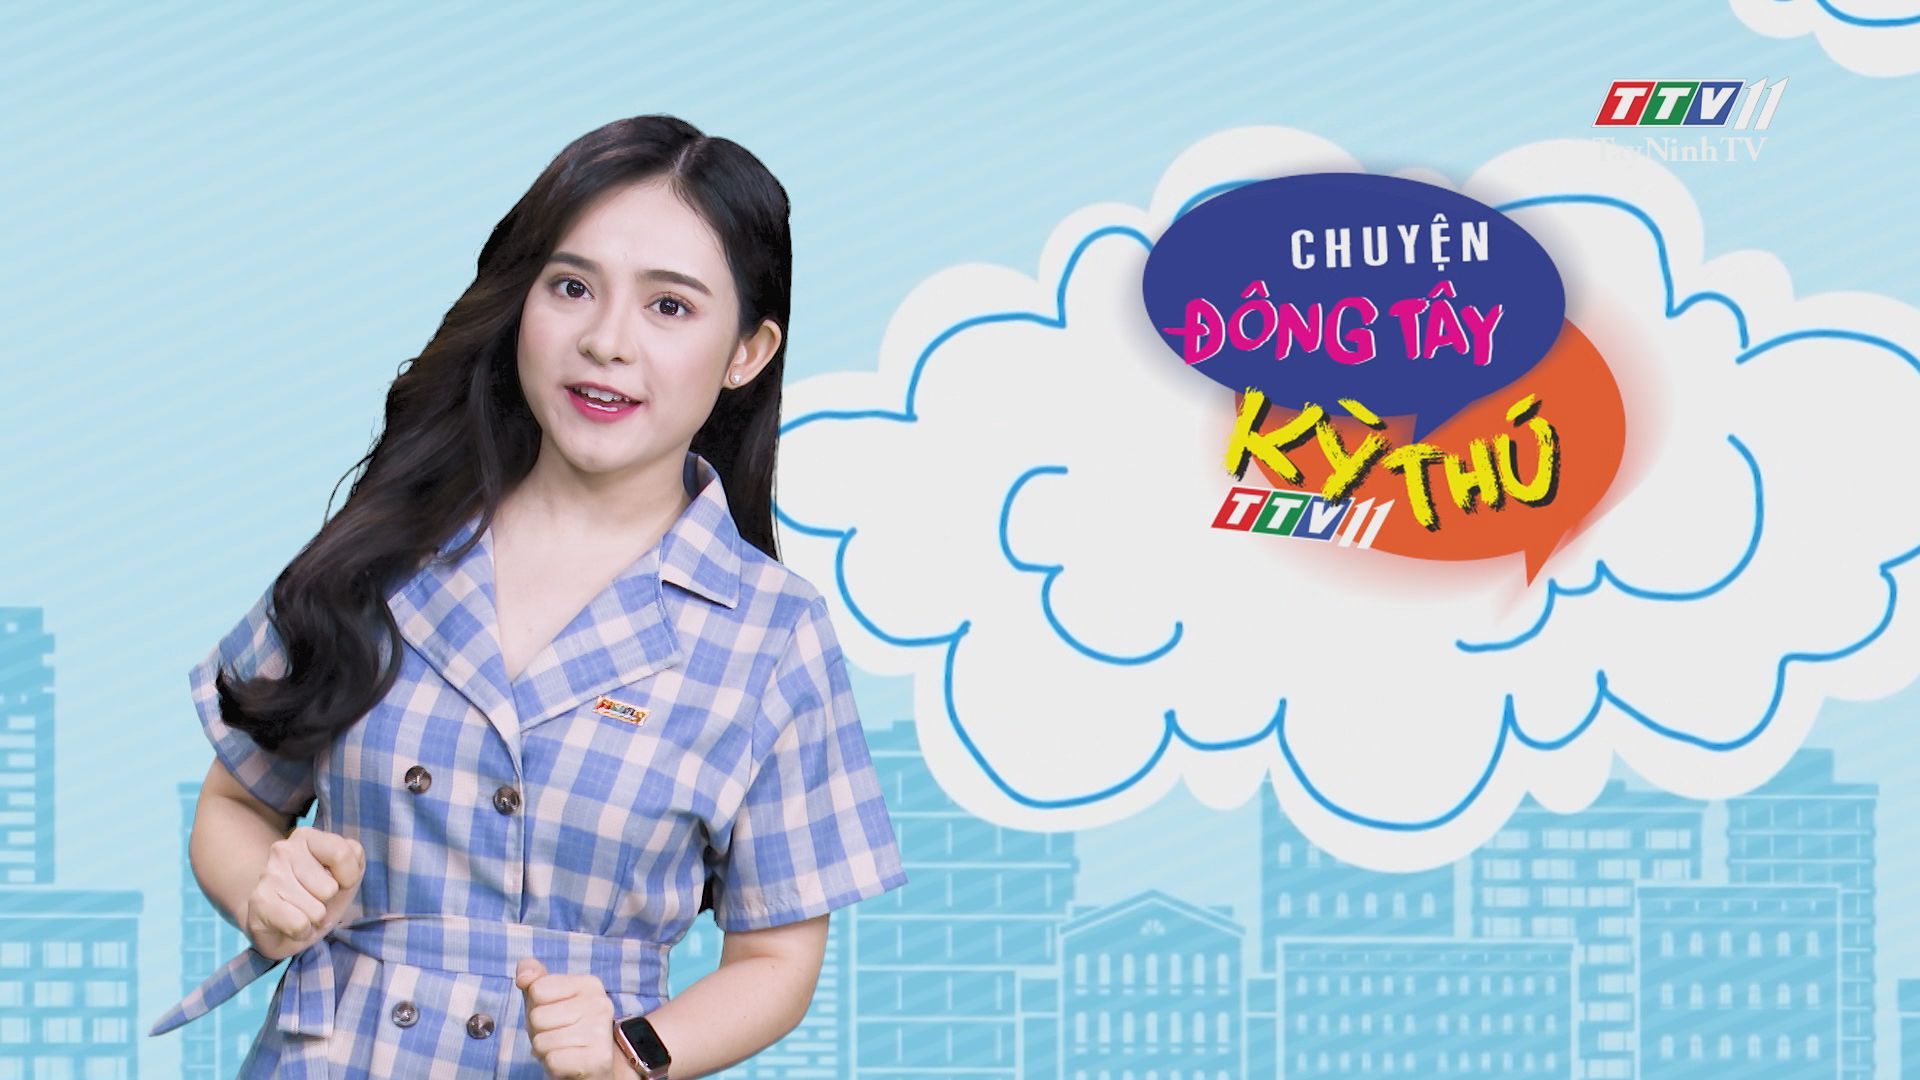 Chuyện Đông Tây Kỳ Thú 14-7-2020 | TayNinhTV